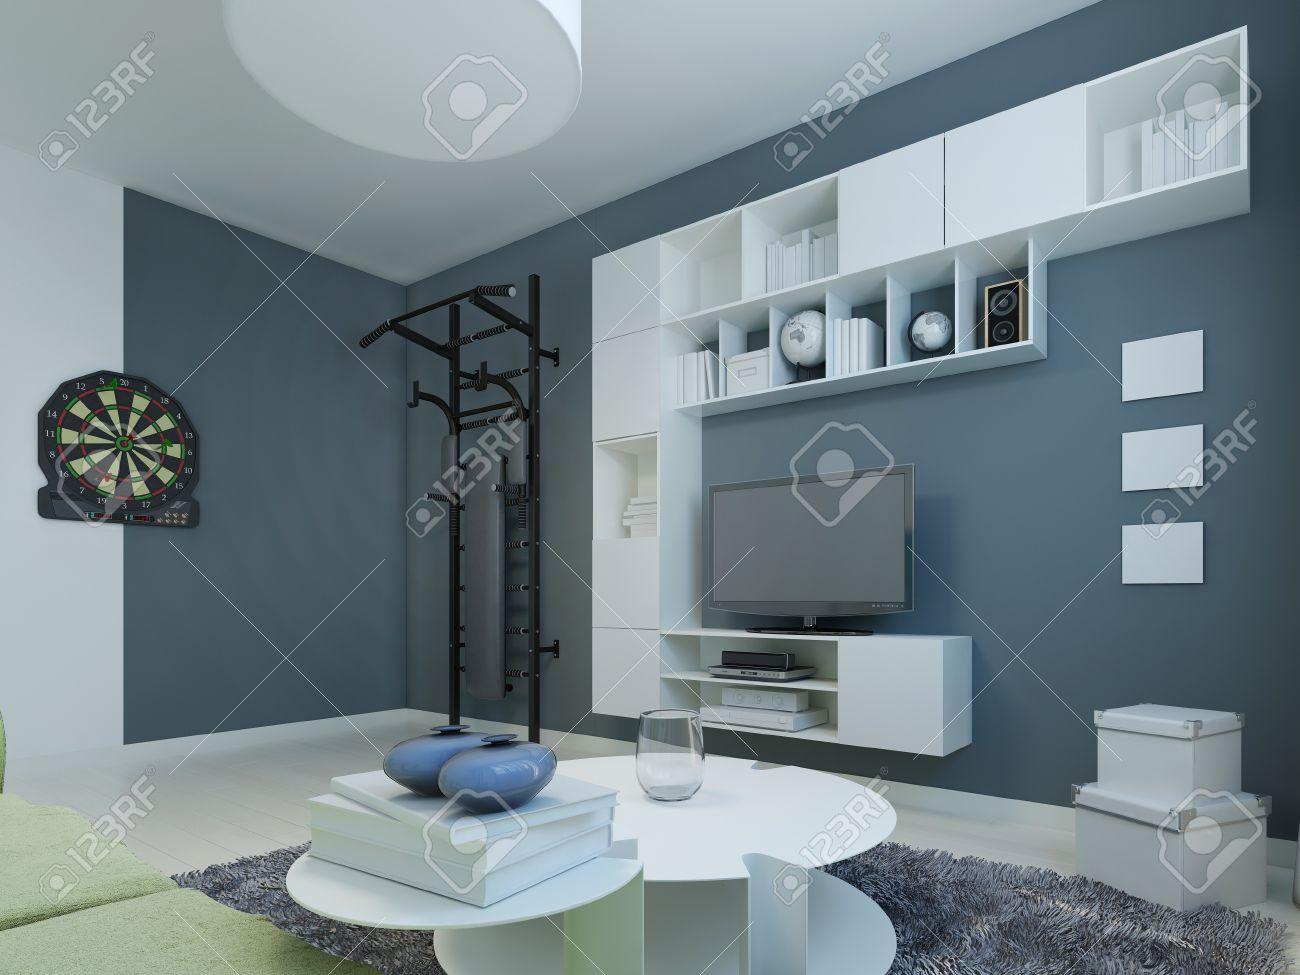 Lounge Zeitgenössischen Stil. Zimmer Mit Weißen Möbeln Und ...